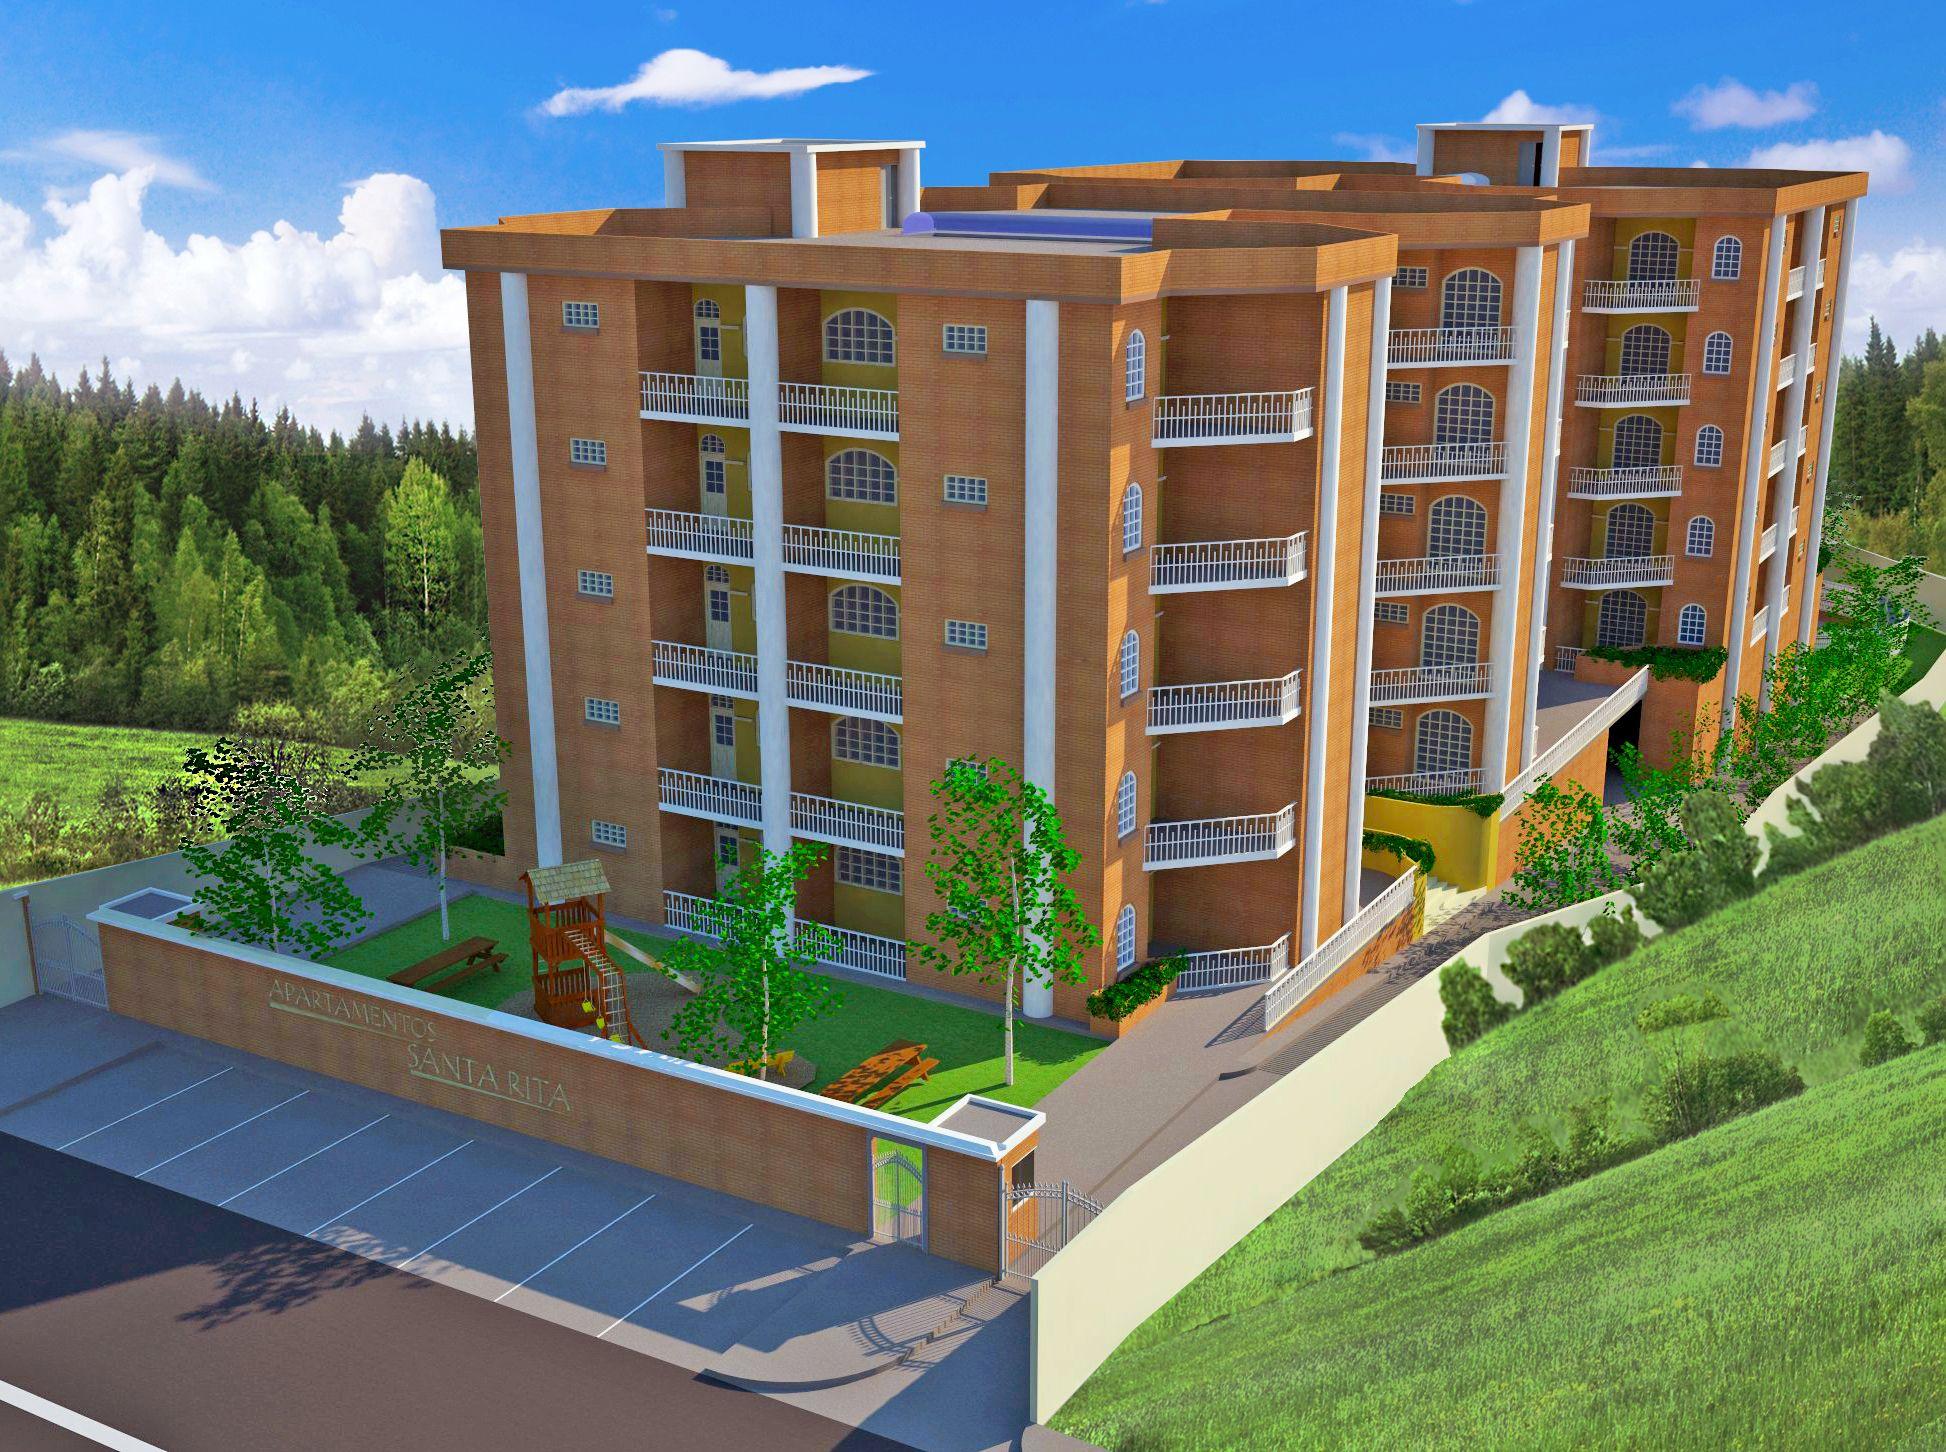 Perspectiva 1 Complejo habitacional, Edificios